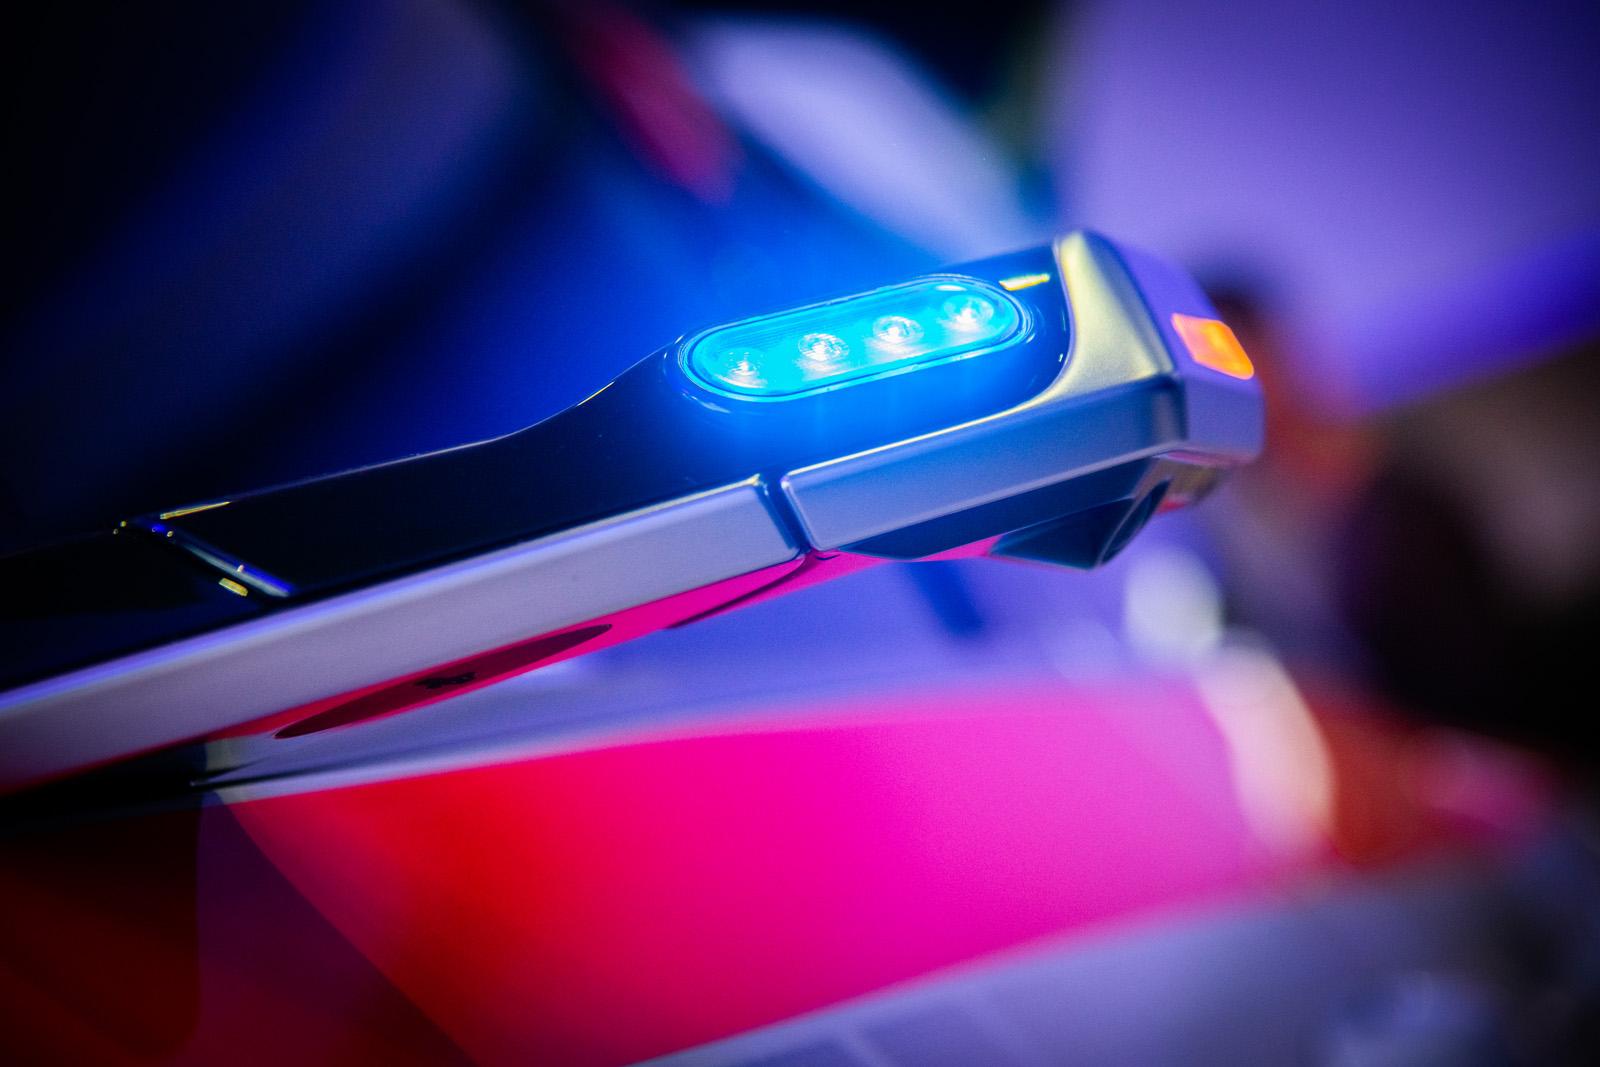 Sogar in die Kameras für die virtuellen Seitenspiegel des Audi e-tron hat das Team von Stefan Riesen ein Blaulicht eingebaut. (Thomas Buchwalder)